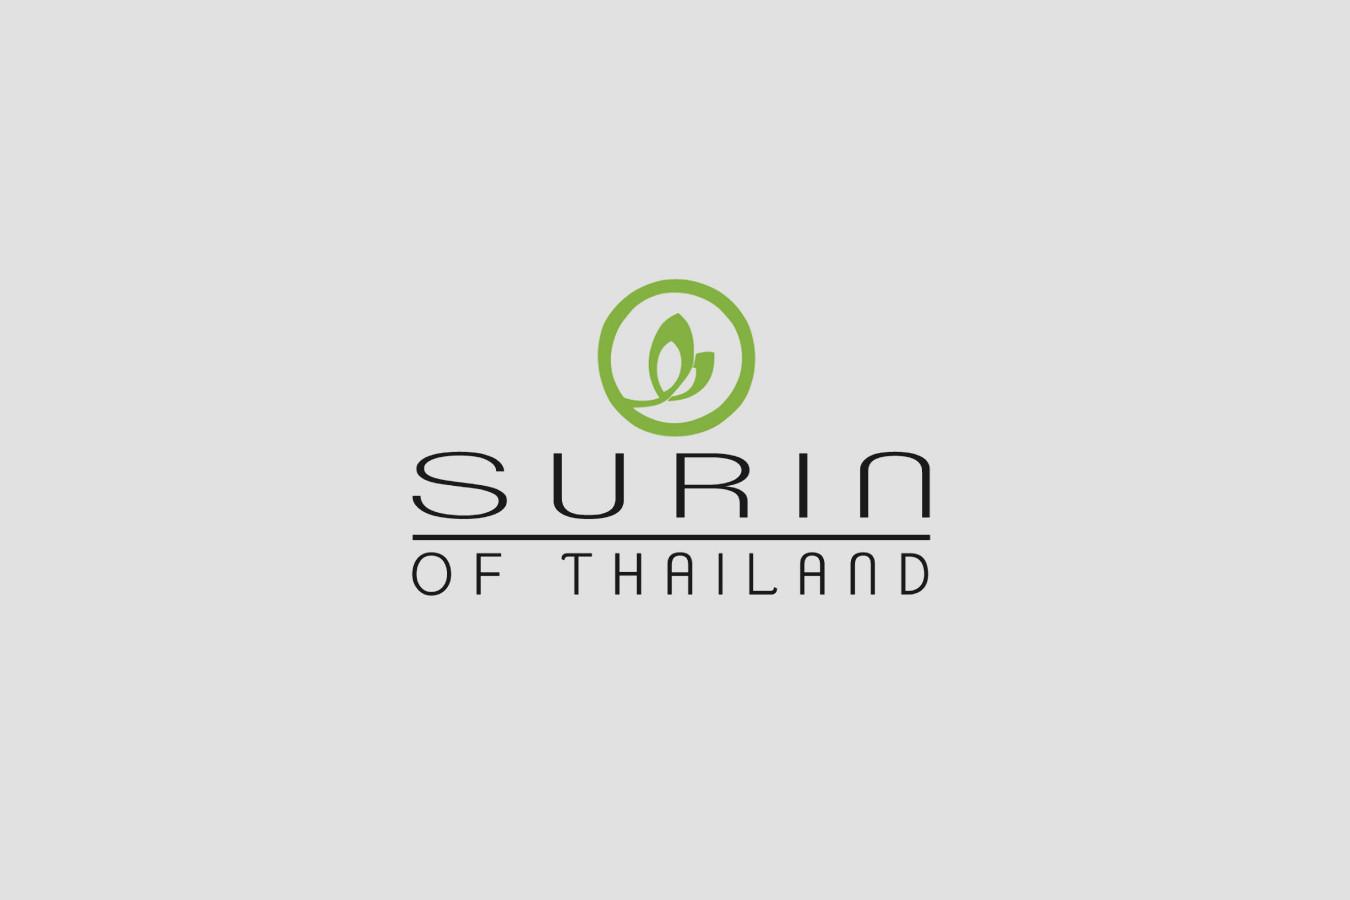 Surin of Thailand Restaurant Logo Design